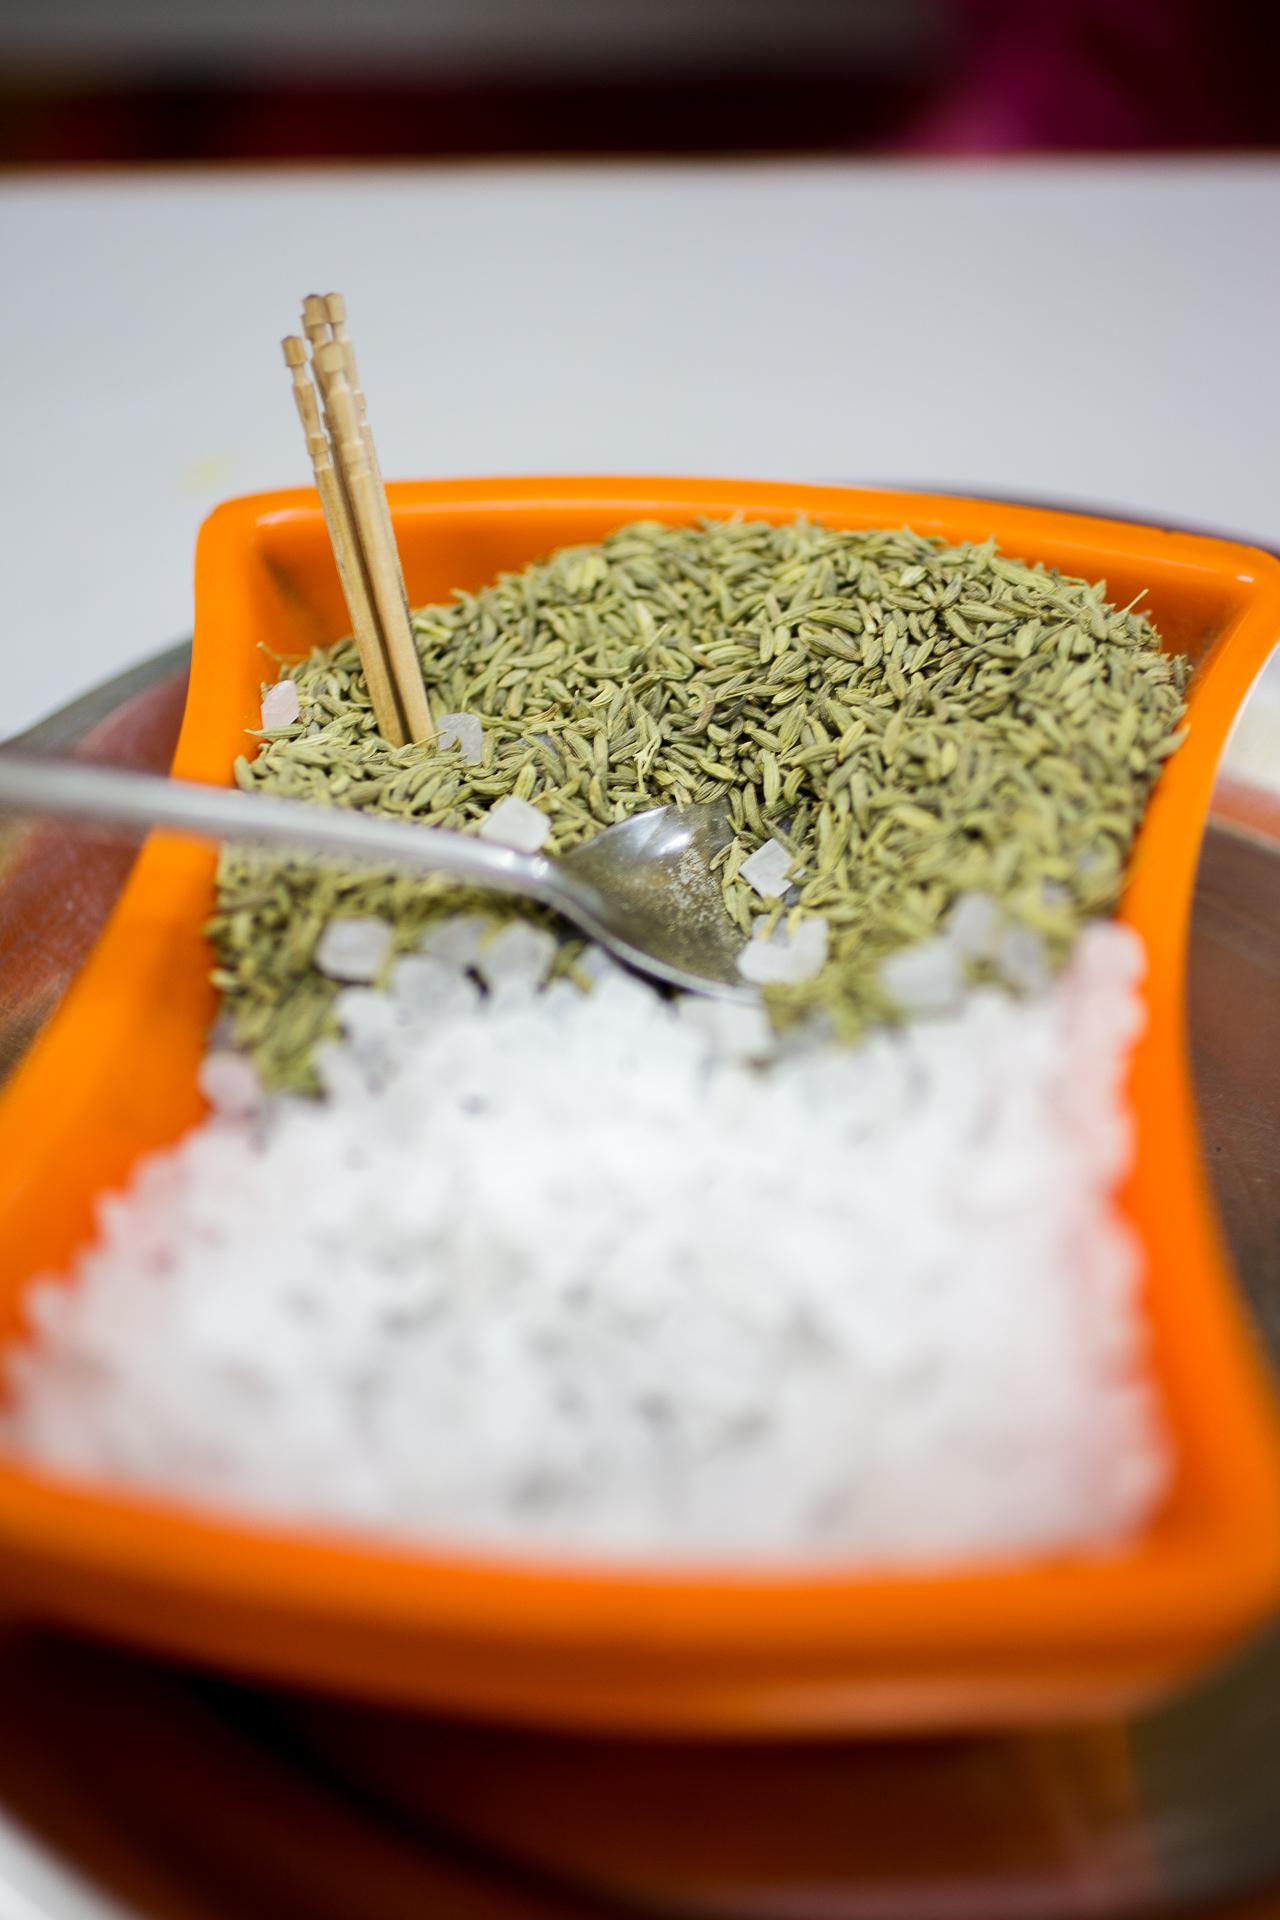 Fenchelsamen und Zucker. Das indische Rezept für einen frischen Atem nach dem Essen.